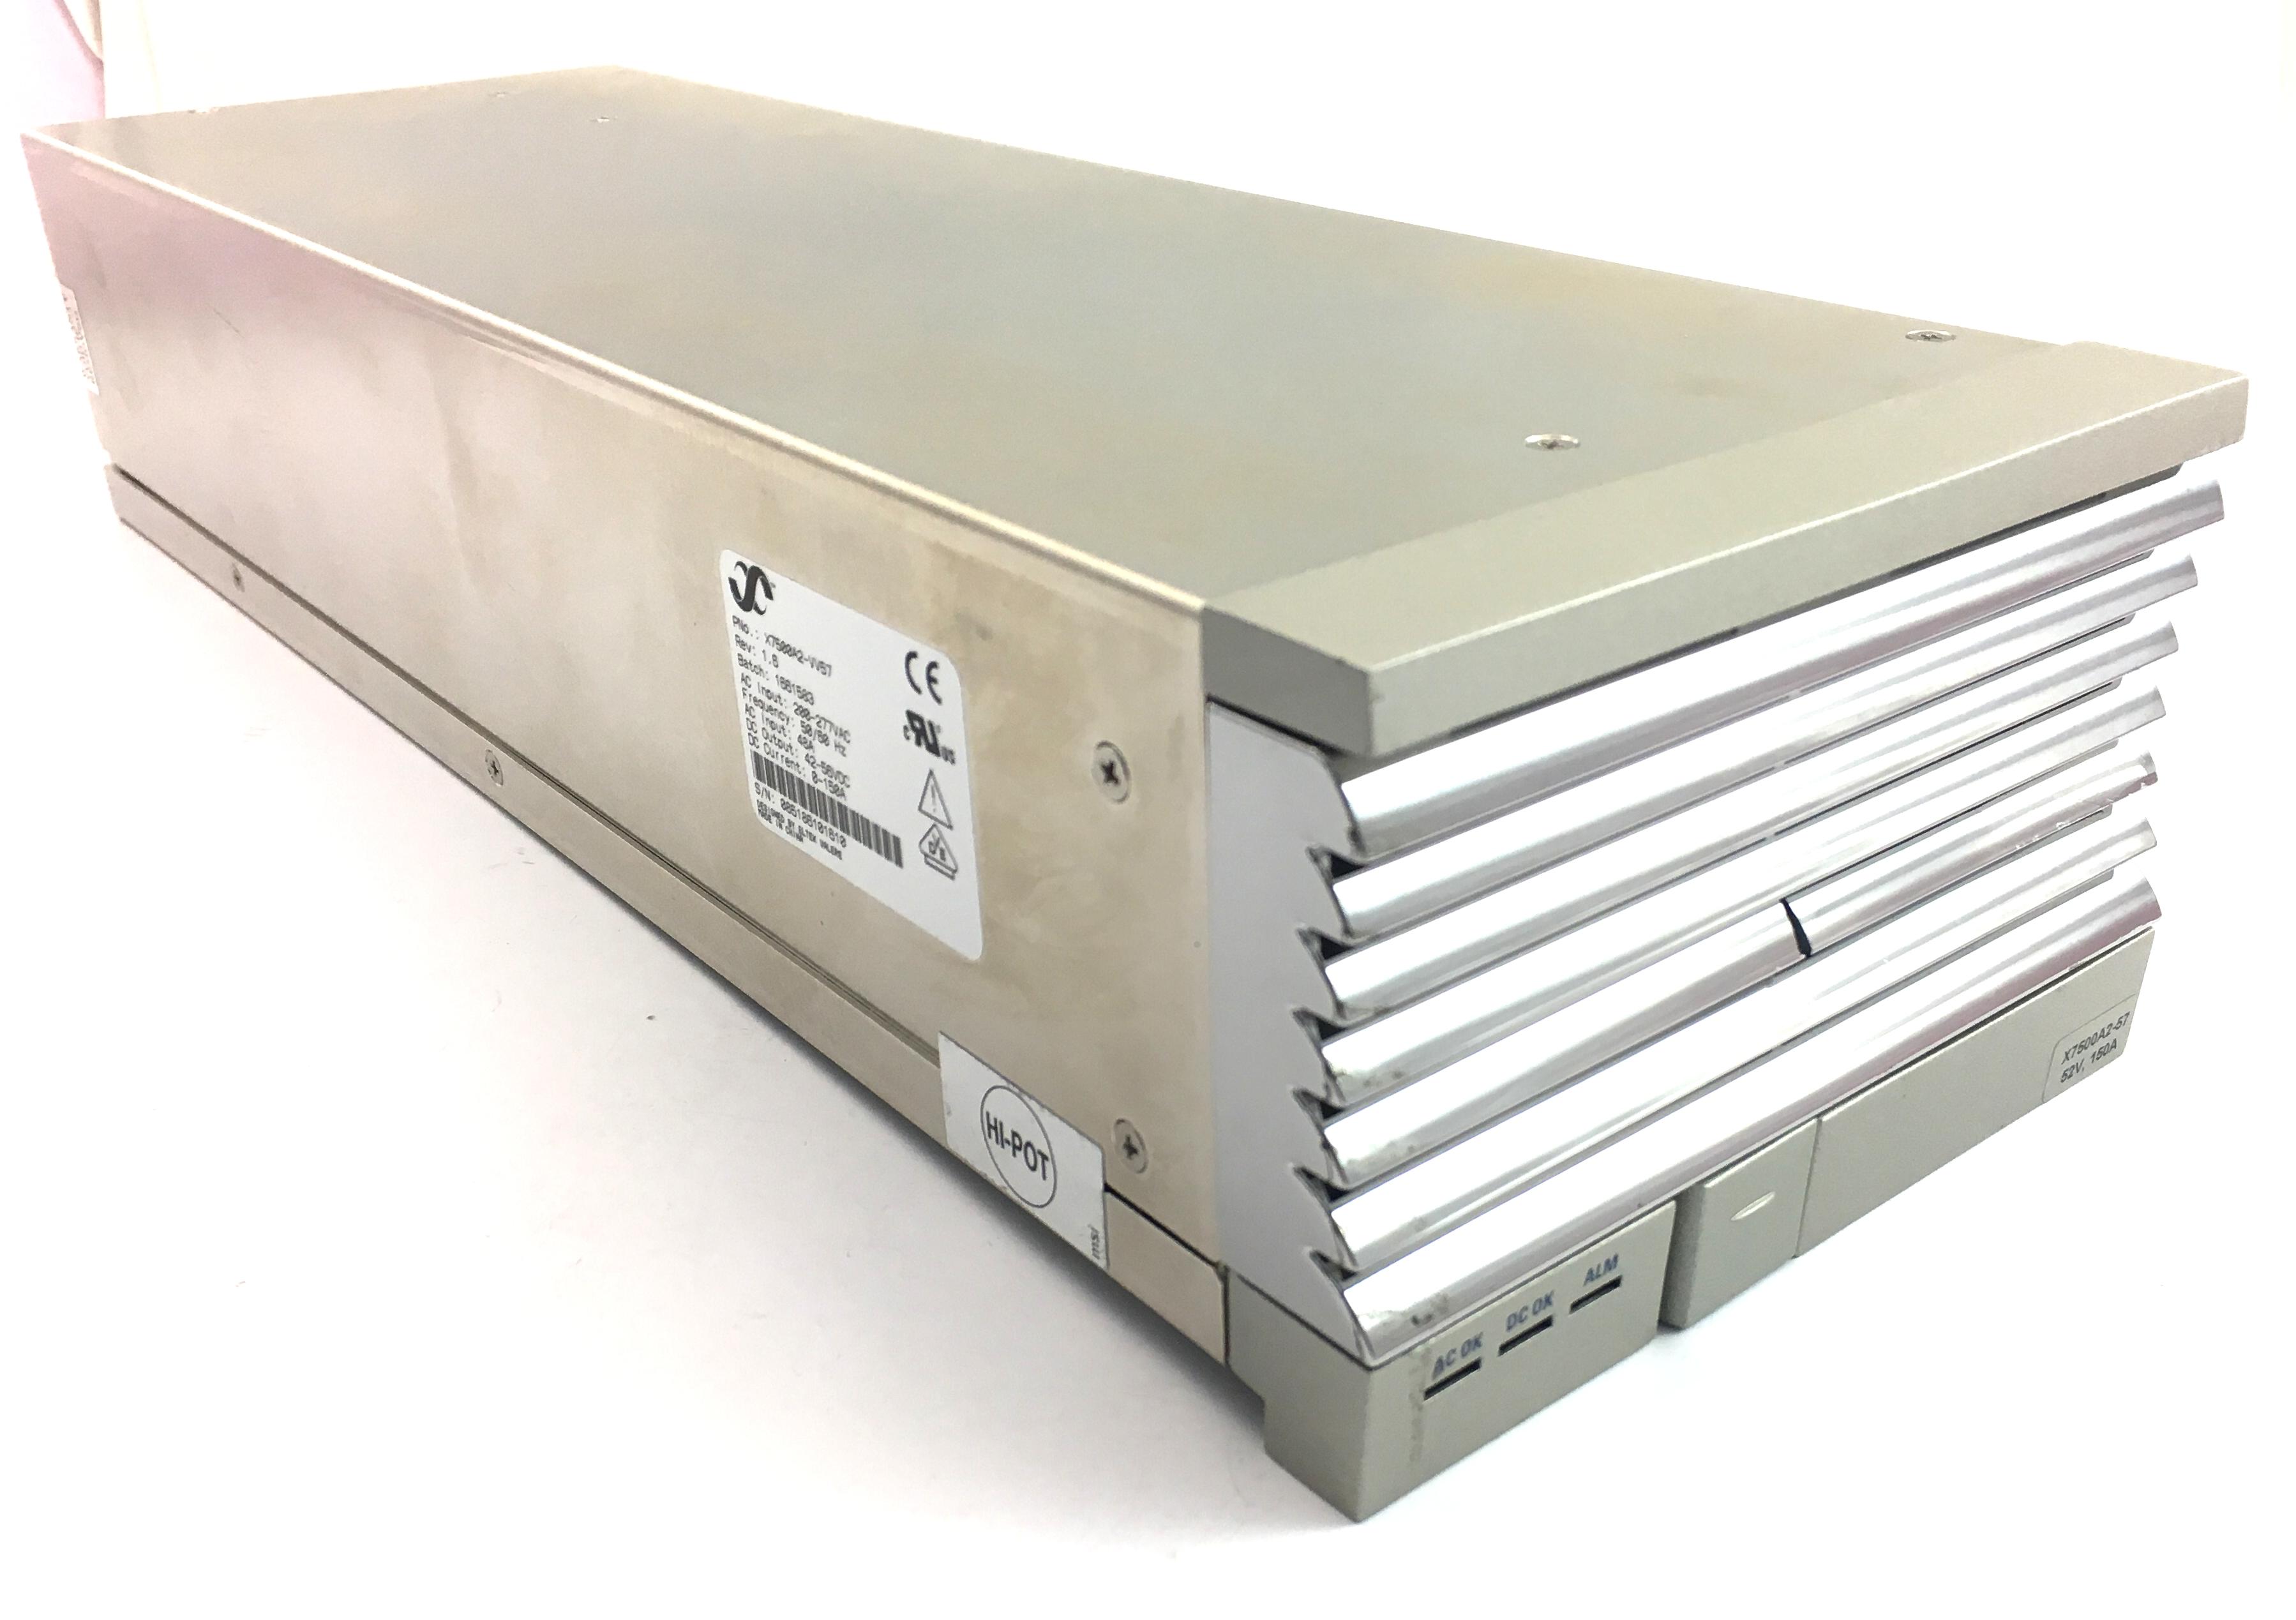 Eltek Valere 52V/150A Rectifier Module (X7500A2-VV57)